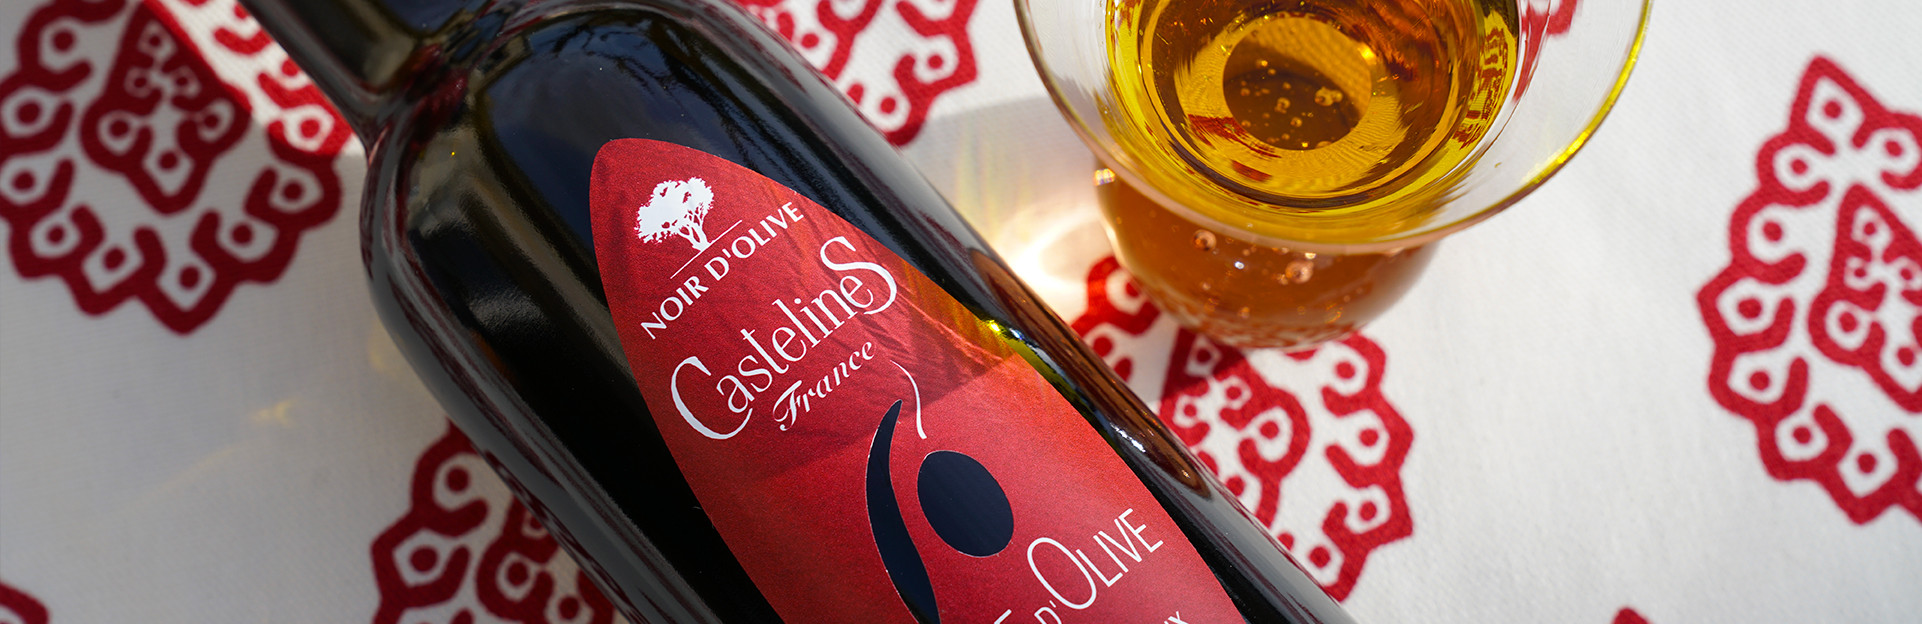 Virgin Olive Oil black fruity noir d'olive AOP Valée de s Baux de Provence Moulin CastelaS